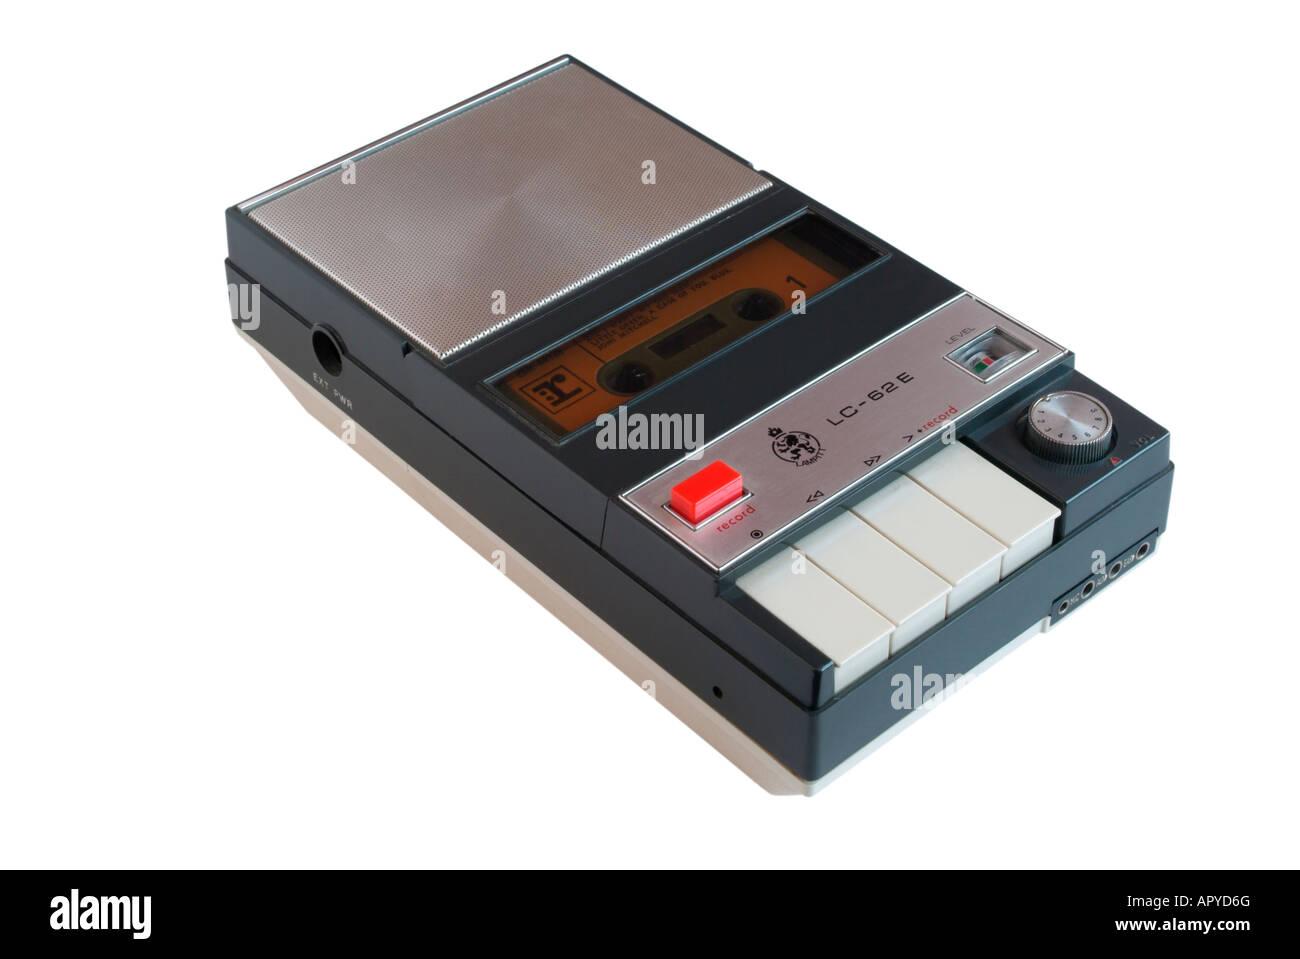 Lampitt LC-62E Cassette Tape Recorder - Stock Image